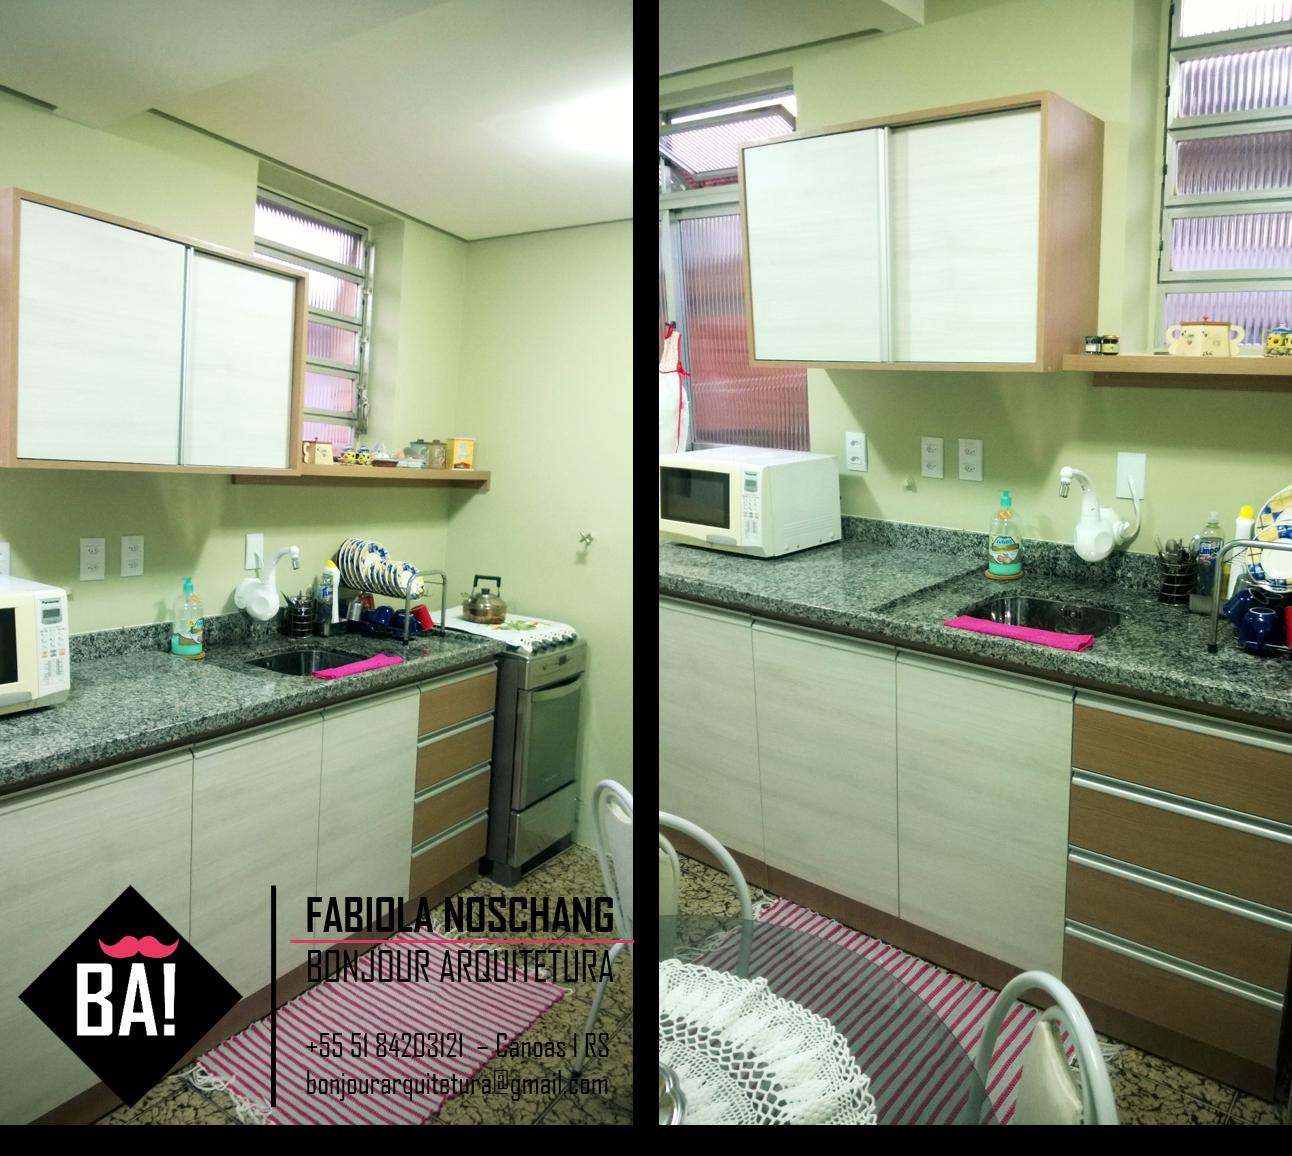 Cozinha Moderna Pequena Cor Branca E Carvalho M Veis Sob Medida